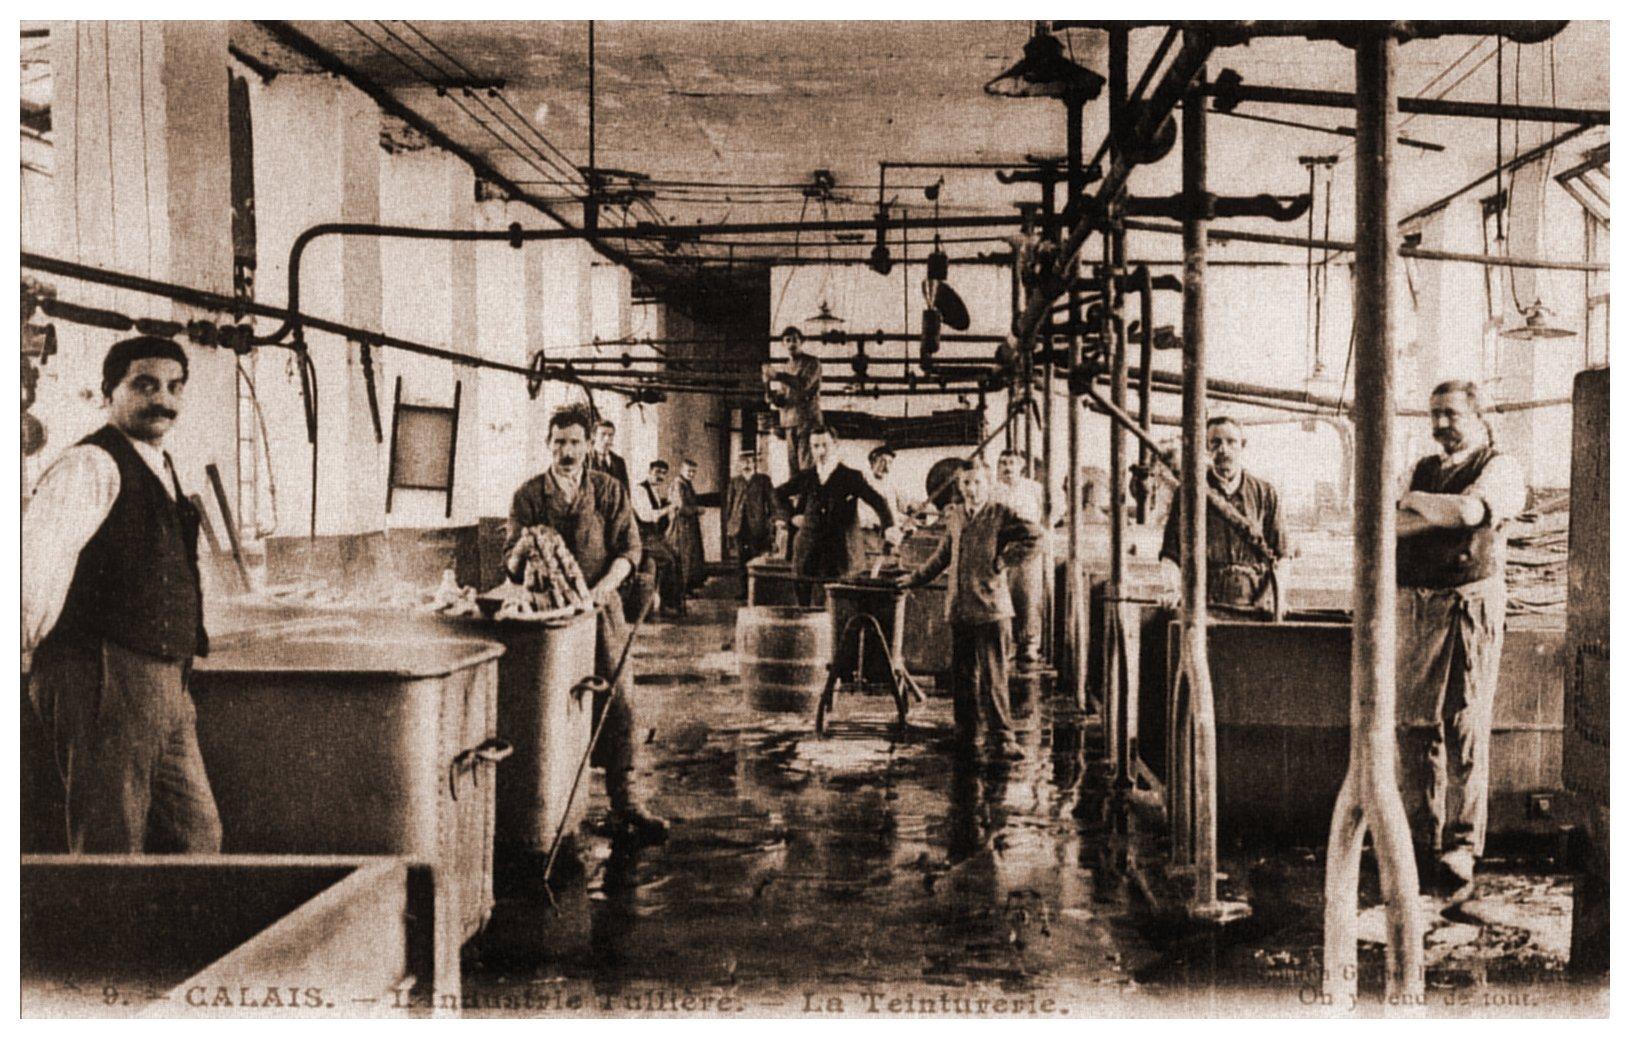 Calais - industrie de la dentelle - la teinturerie